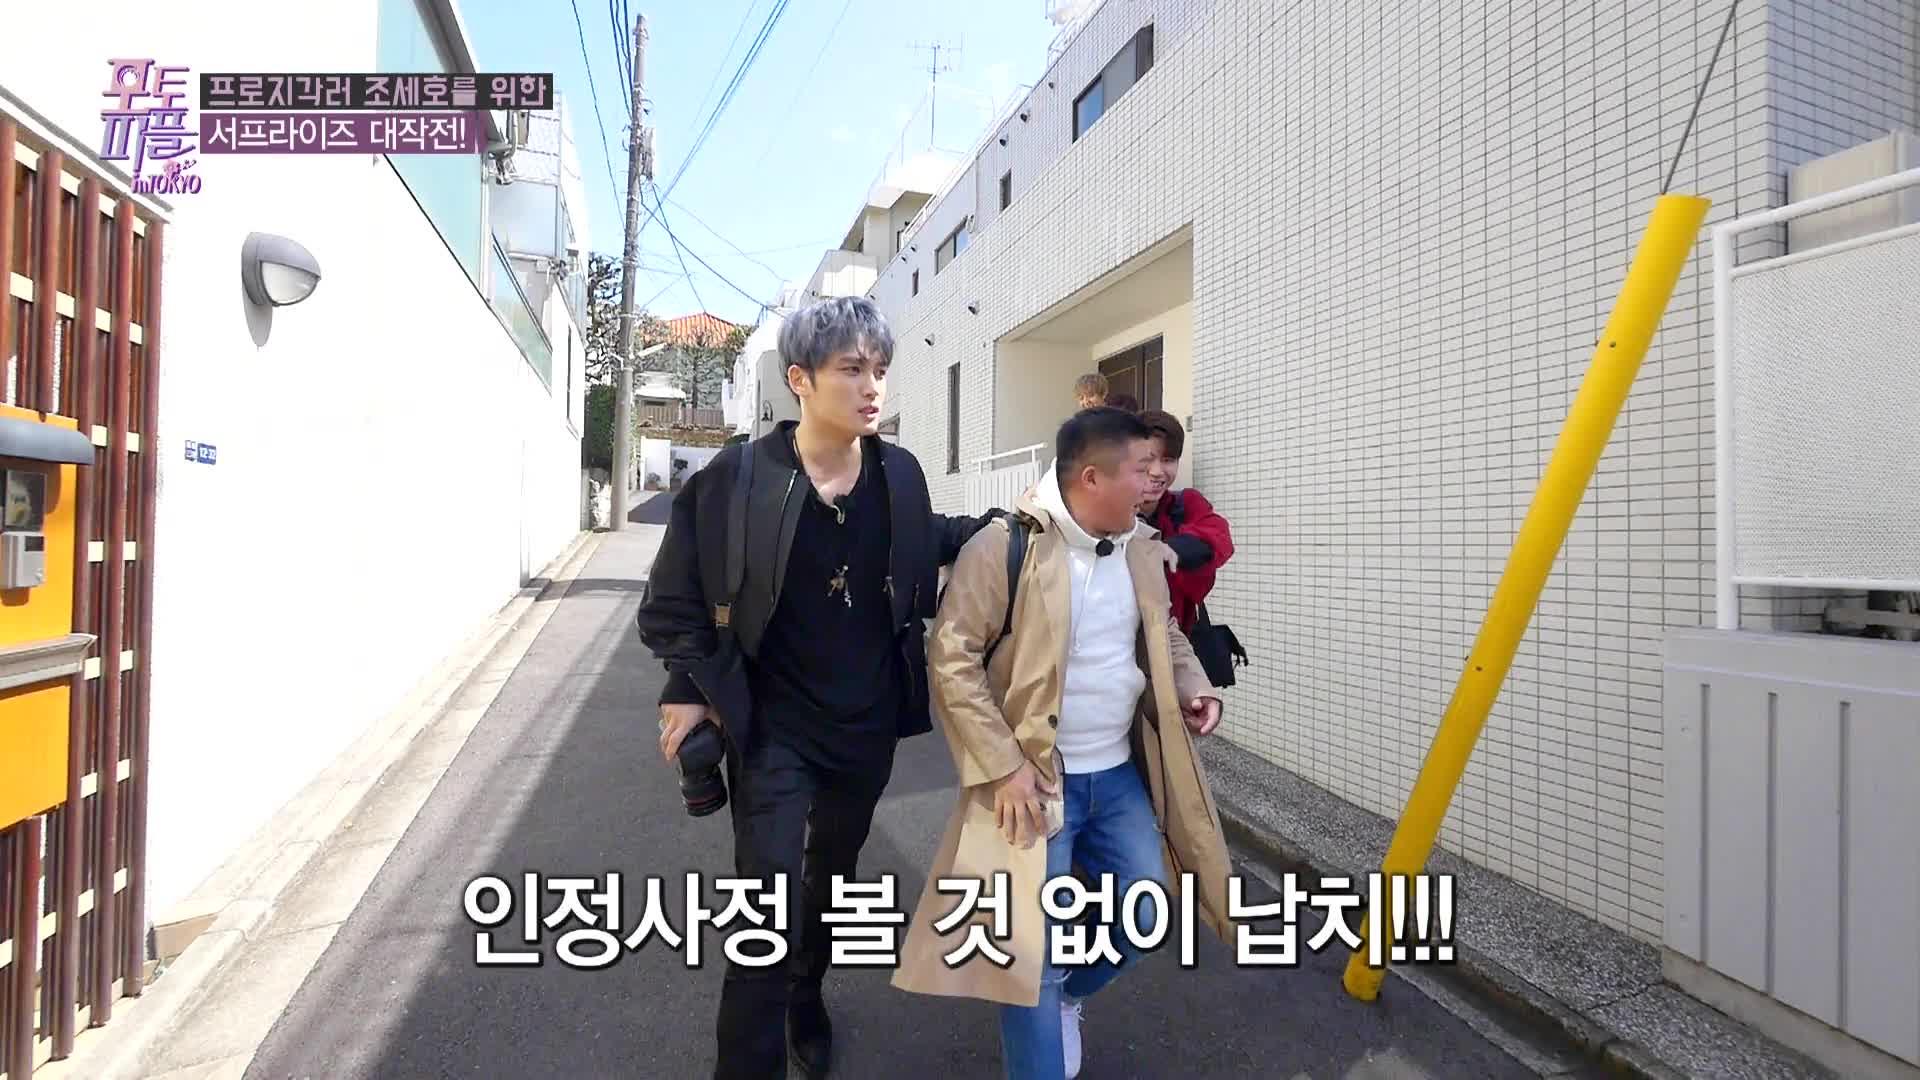 포토피플 in TOKYO 3부_ep.4 가뿐하게 싸사삭~조세호 납치사건!